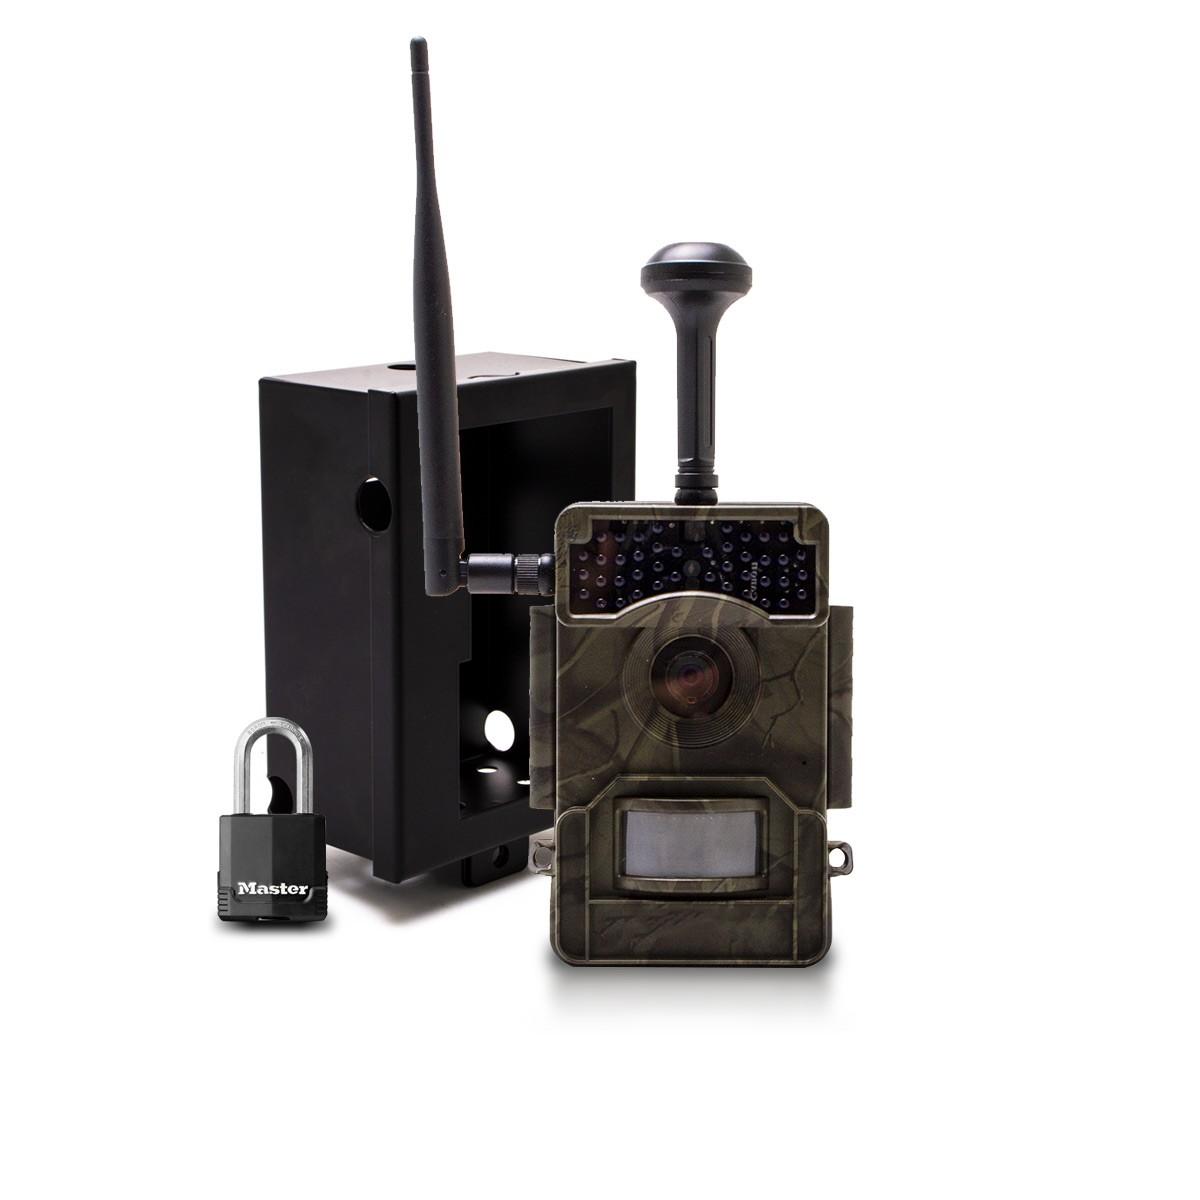 Caméra de chasse HD 1080P IR invisible GPS GSM 4G alerte push envoi photo et vidéo sur application iOS et Android serveur cloud e-mail et FTP avec box antivandale